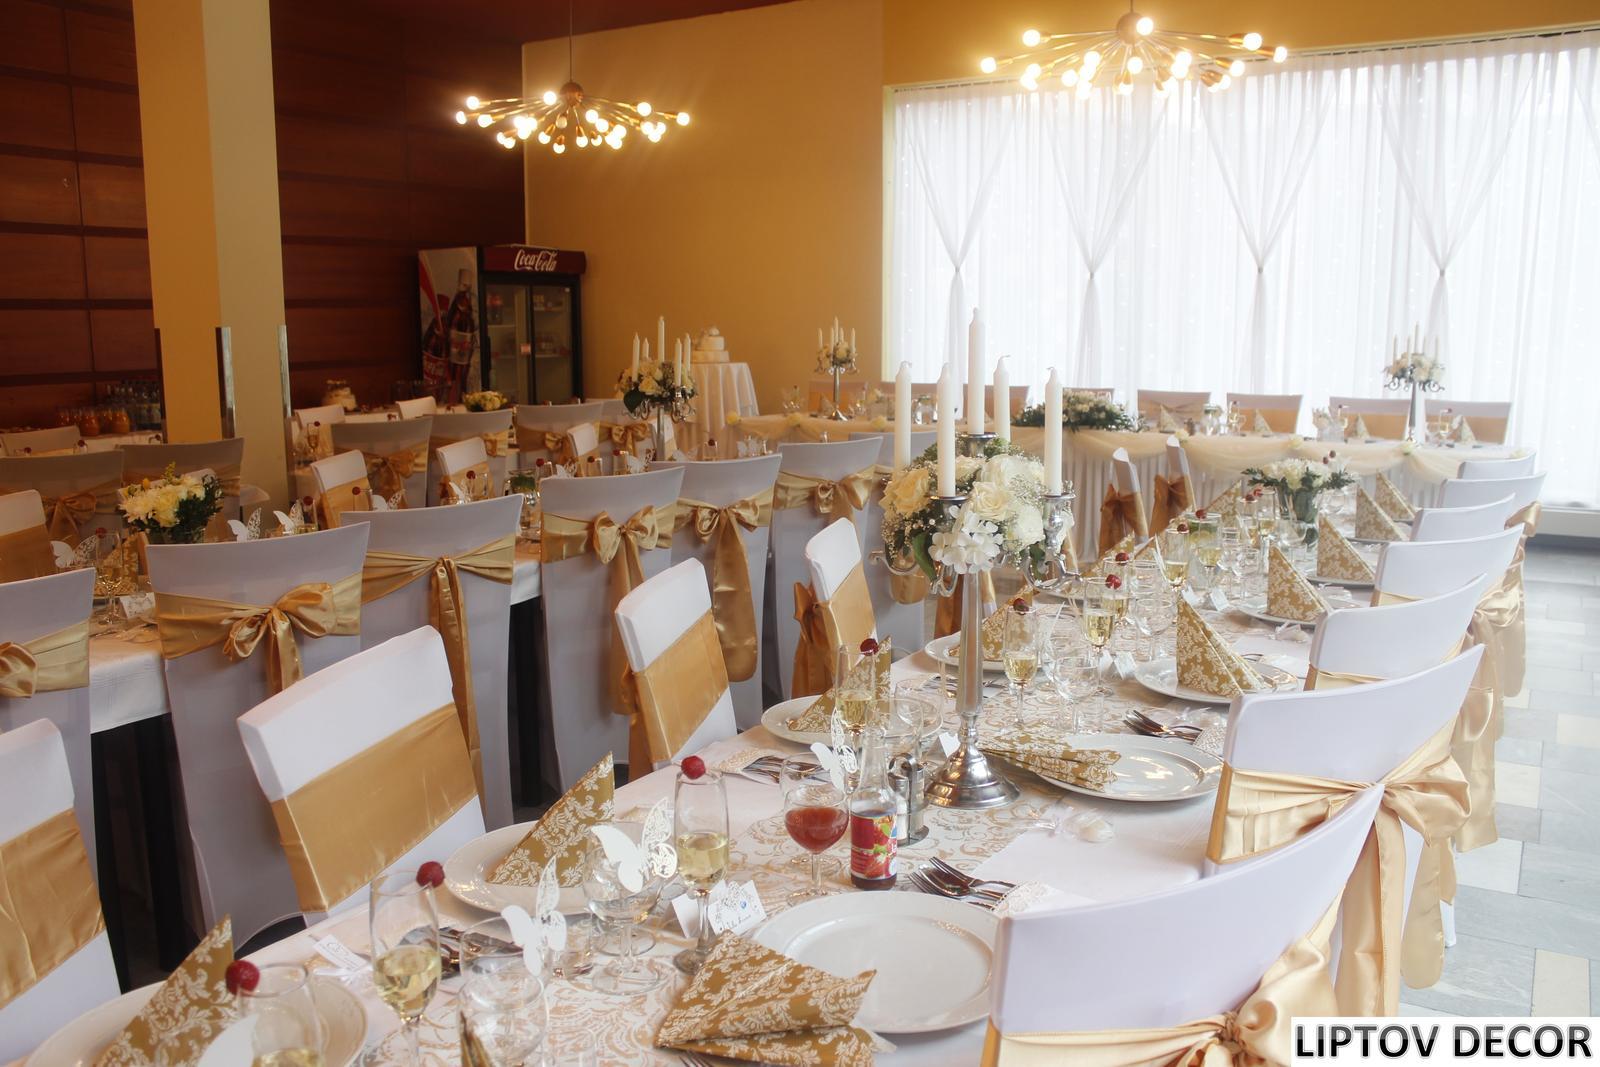 Svadobná výzdoba - HOTEL HRABOVO RUŽOMBEROK - Obrázok č. 10